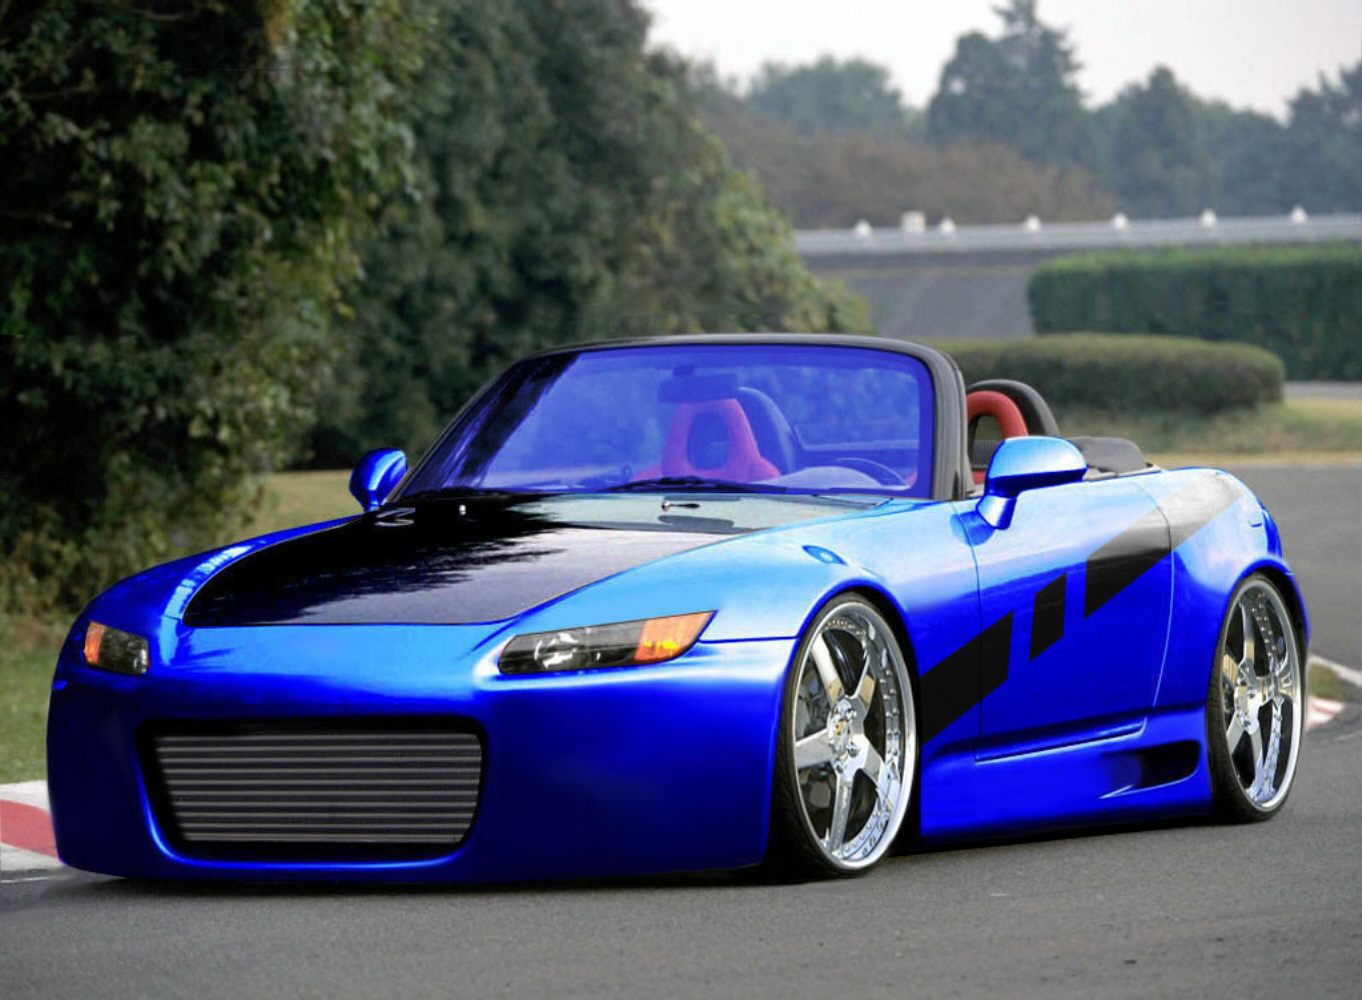 Cars pictures imagens de carros turbinados - Image de cars ...